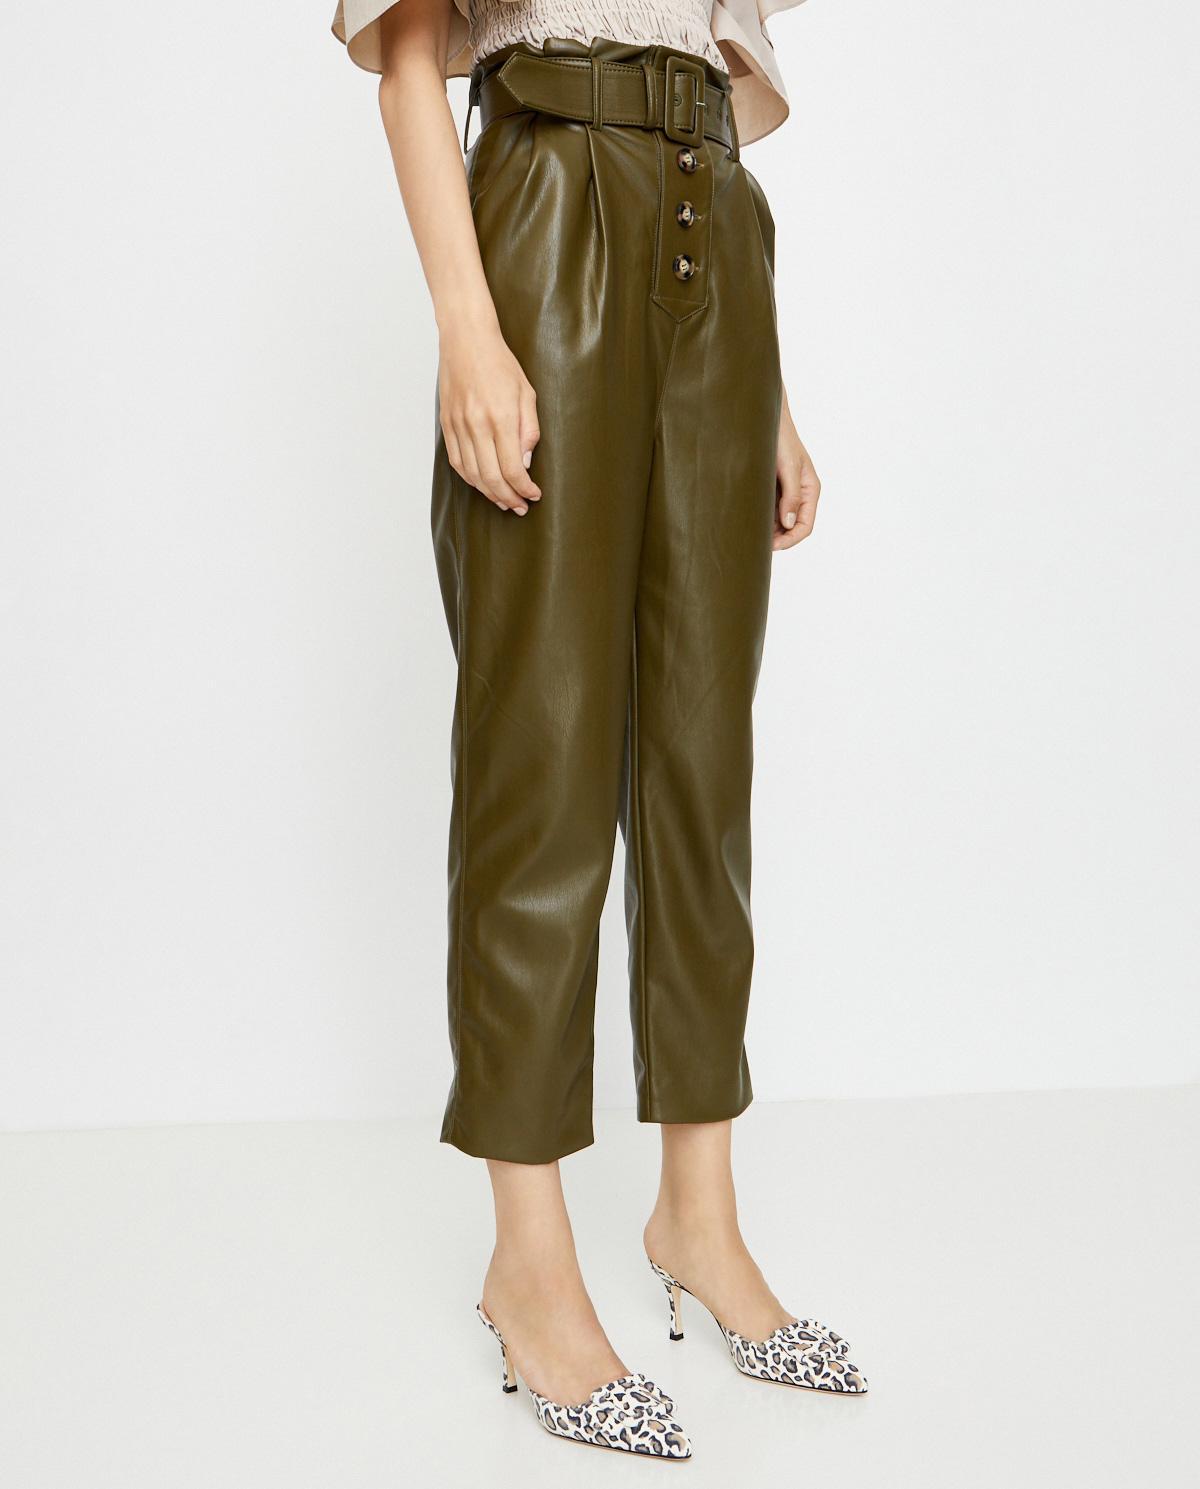 zielone spodnie marki Self-Portrait PF20-136A OLIVE GREEN